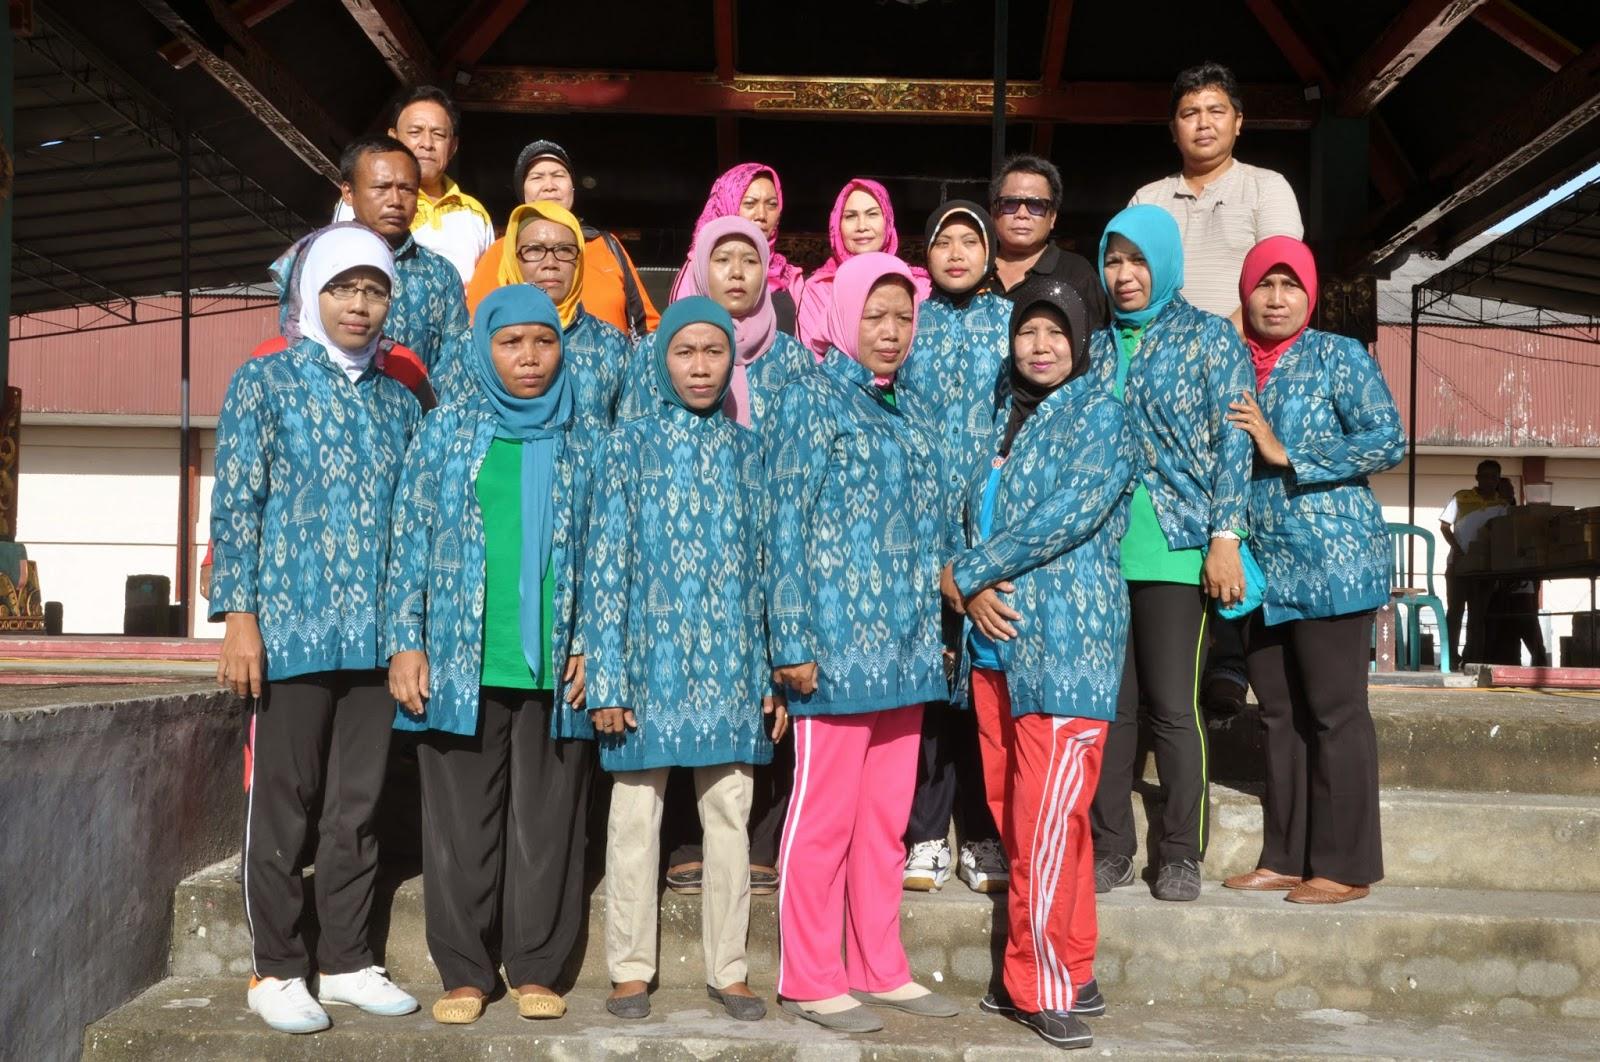 Ketua Pkk Lombok Tengahhj Baiq Irma Budianish Memasangkan Baju Seragam Kader Posyandu Se Kabupaten Lombok Tengah